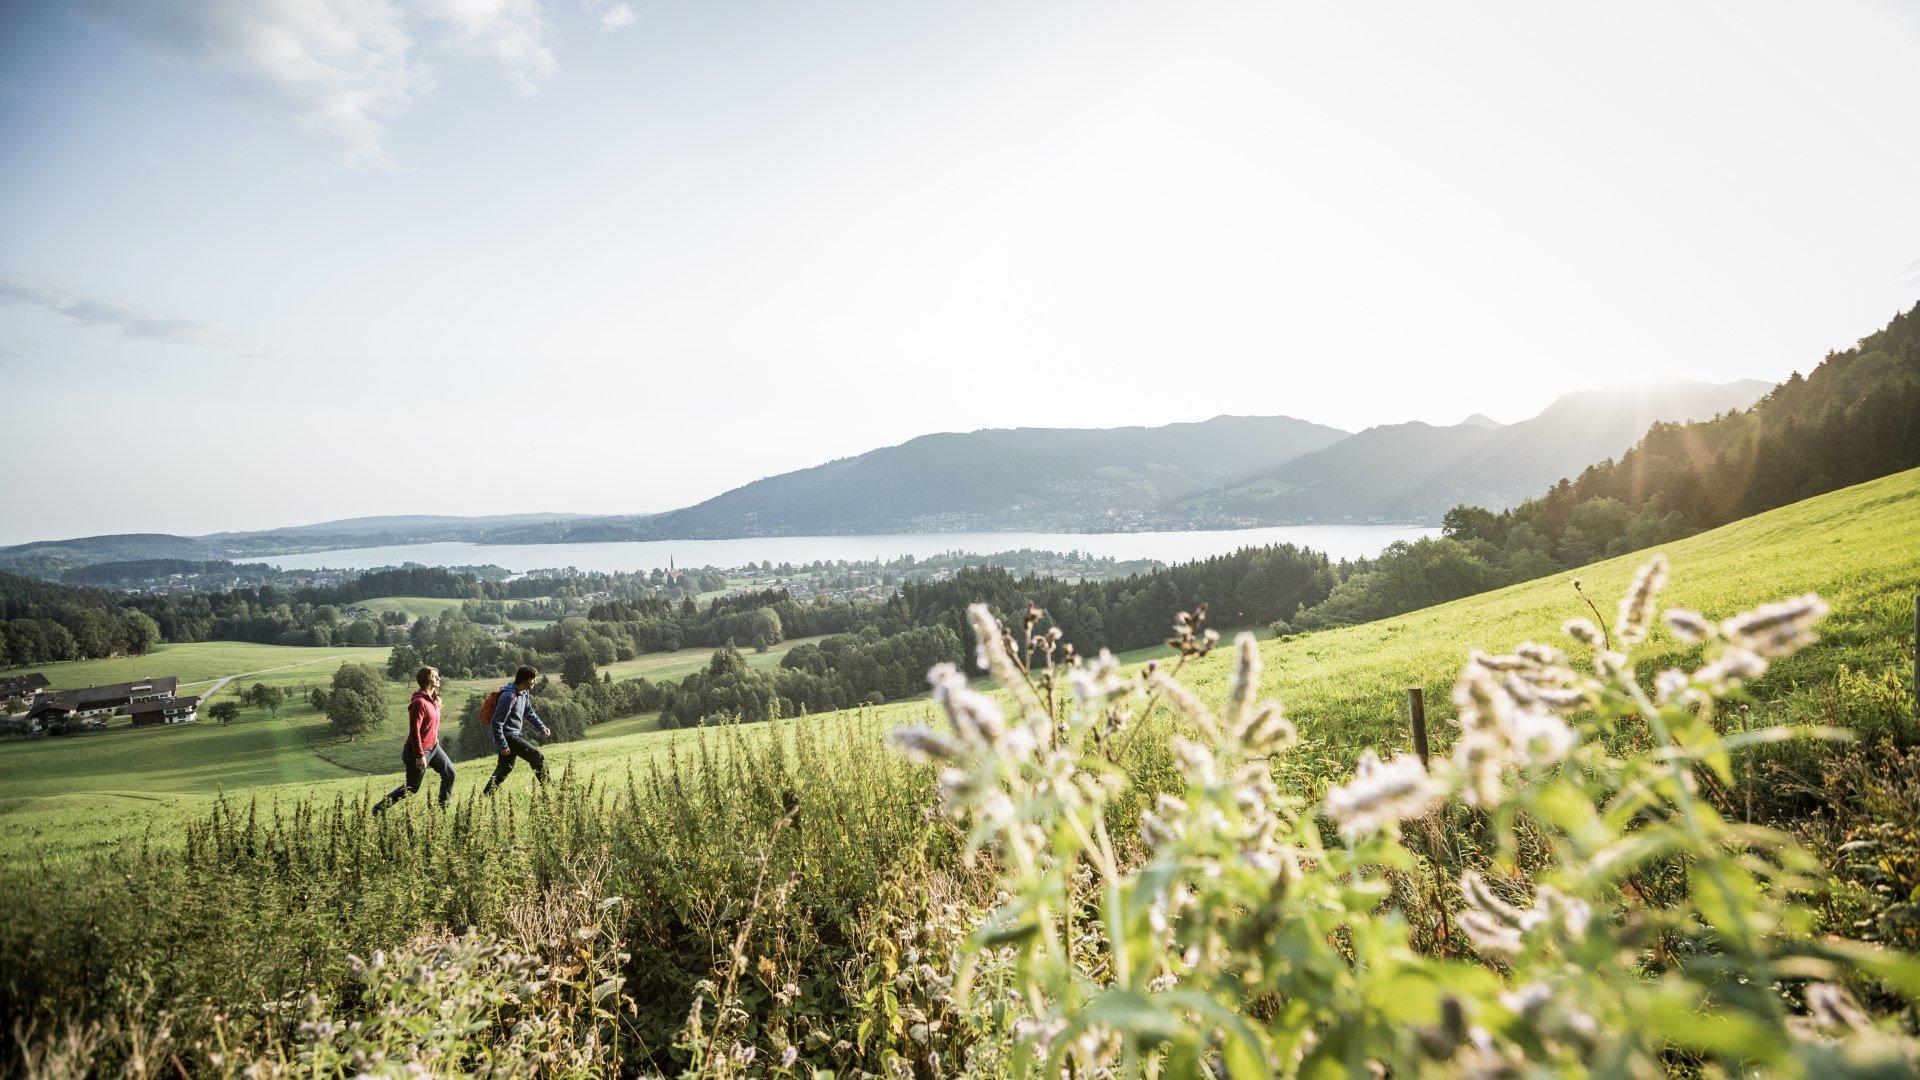 Auf einfachen Wandertour rund um den Tegernsee erklimmen Sie die bayerischen Berge auf gemütliche Art und Weise., © Christoph Schempershofe